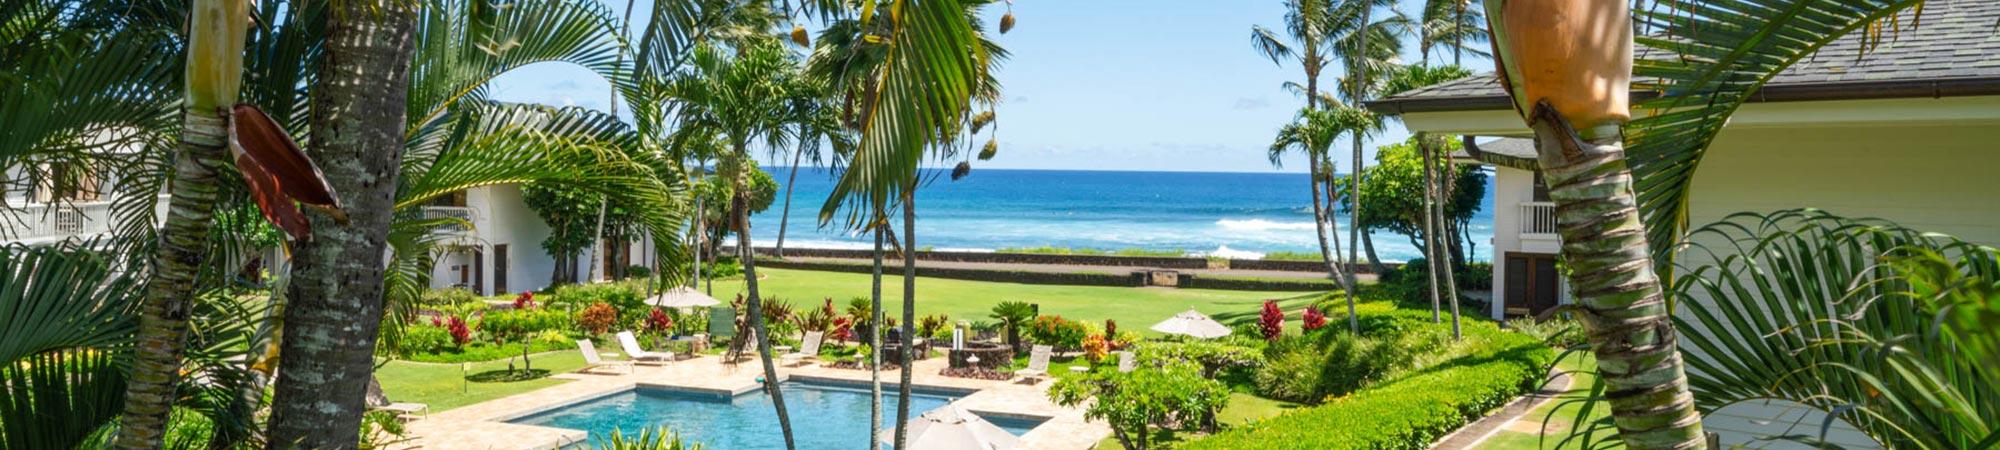 Poipu Kapili 22 vacation rental ocean view